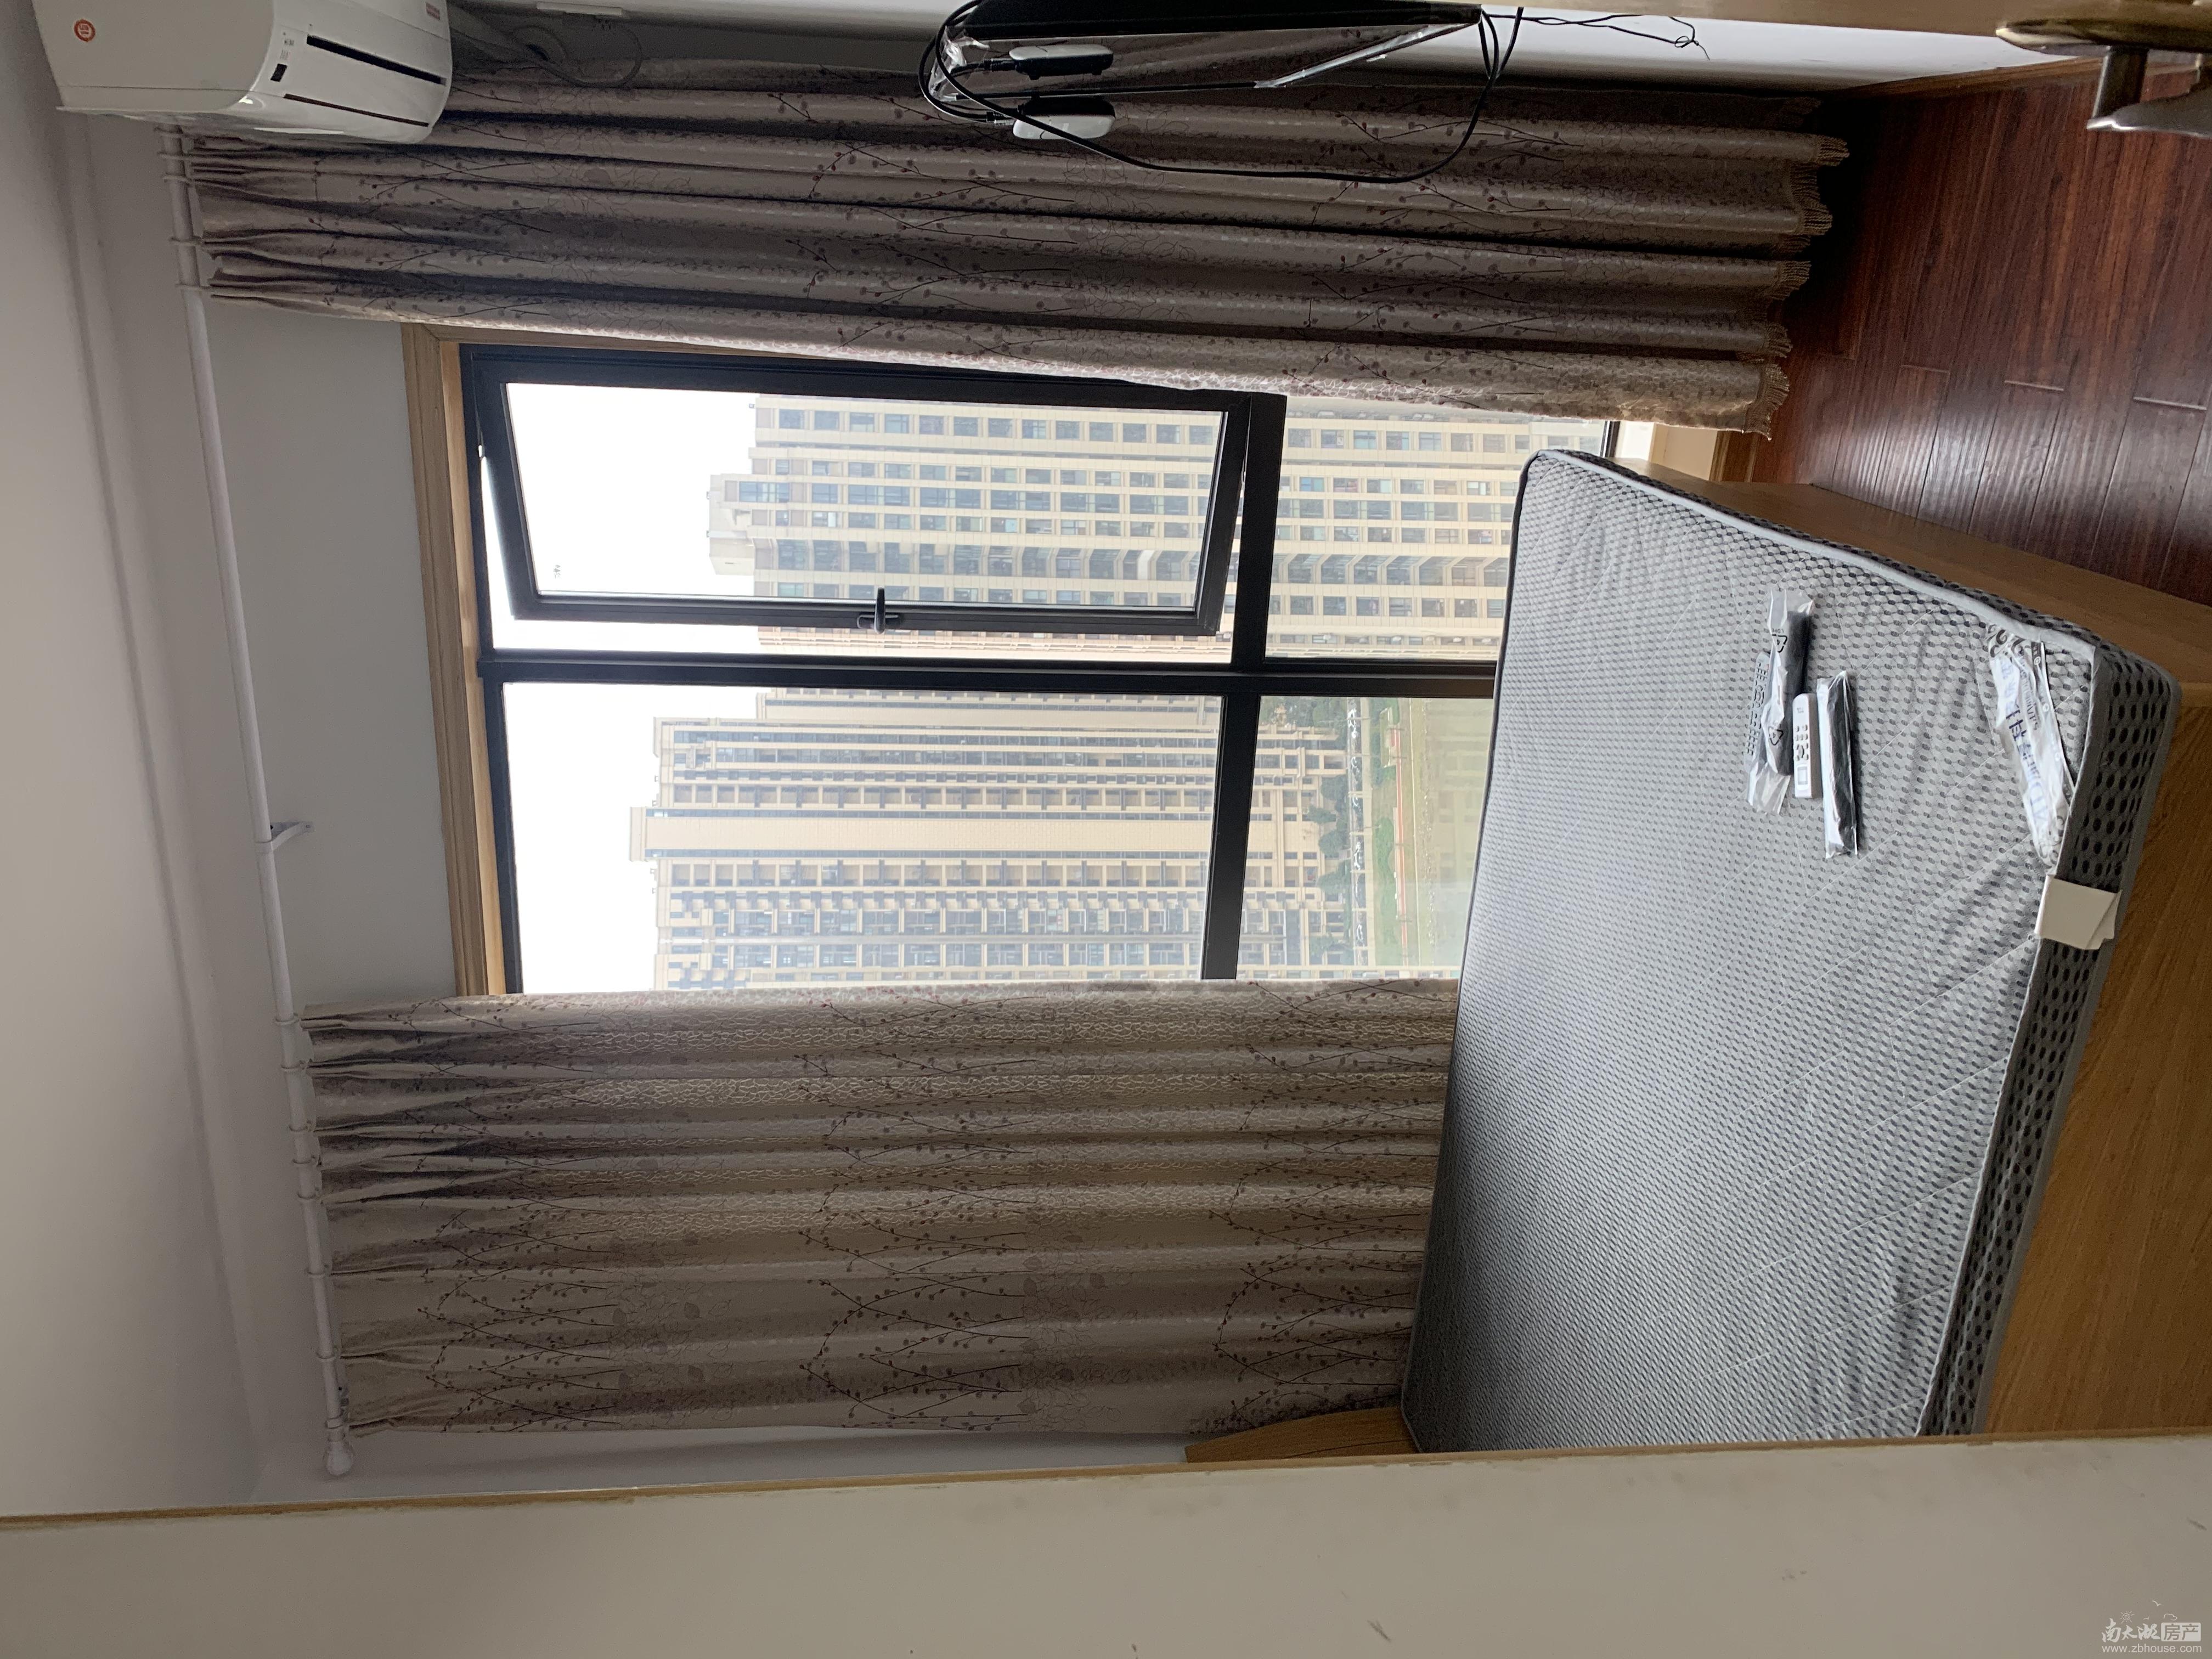 C396本店出租汎港润园27楼88平方2室半中等装修家具家电齐全2600元/月